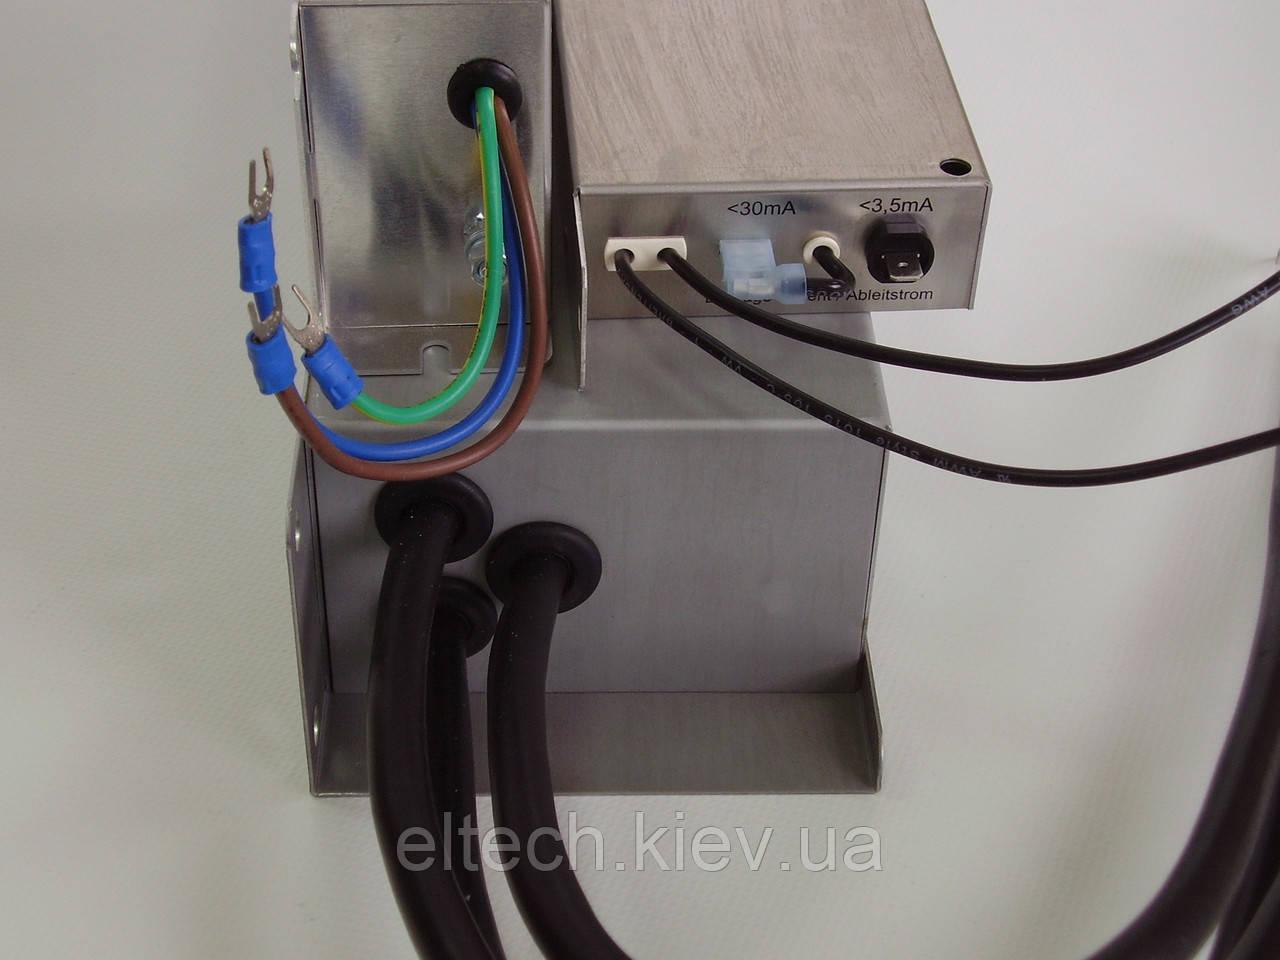 Фильтр для SJ700-2200HFE2. Сетевой фильтр FS25108-462-99